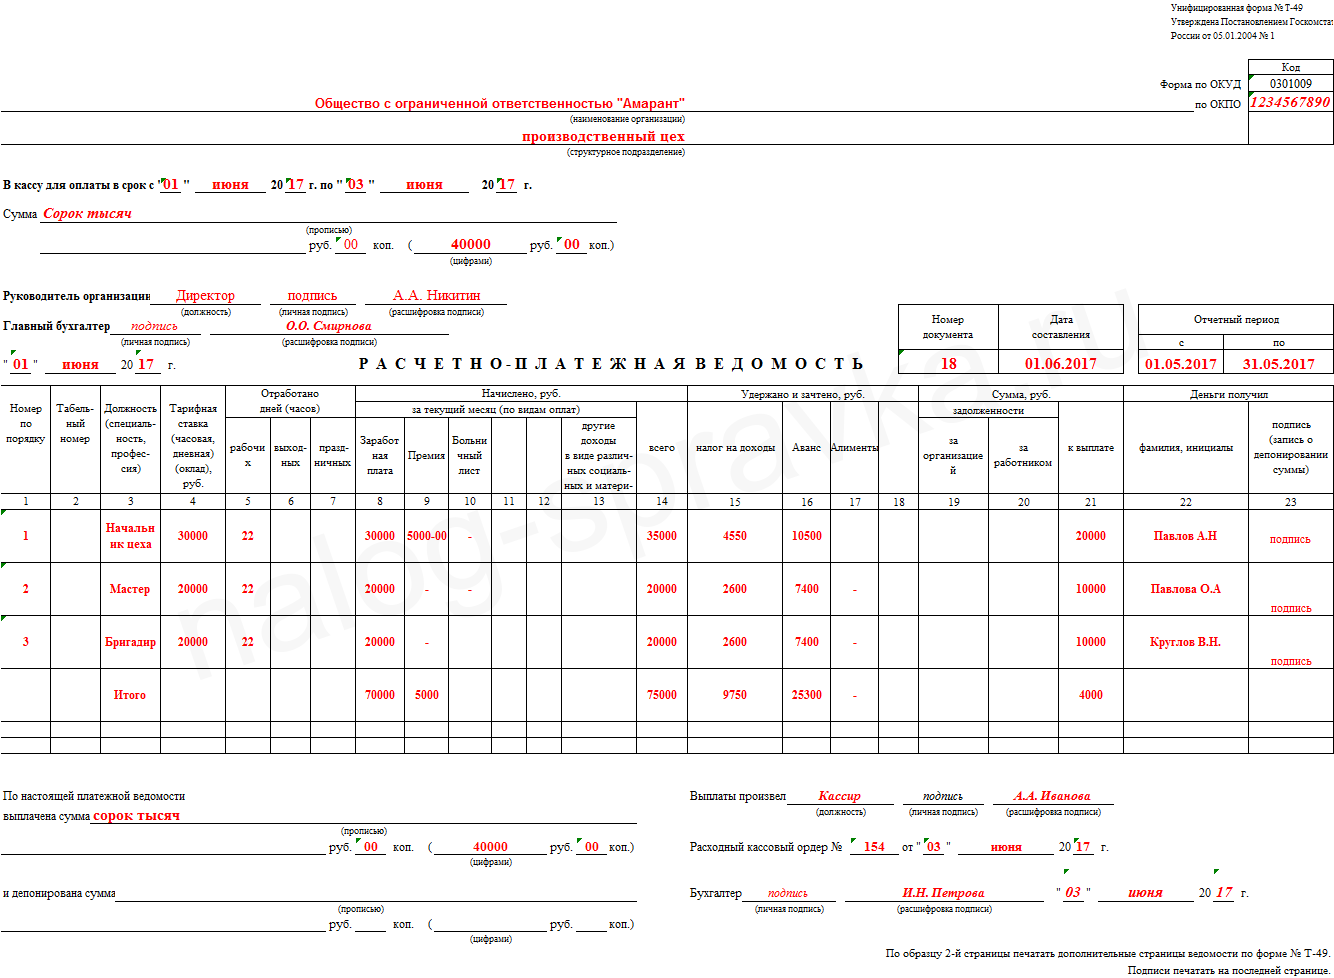 Образец заполнения расчетно платежной ведомости